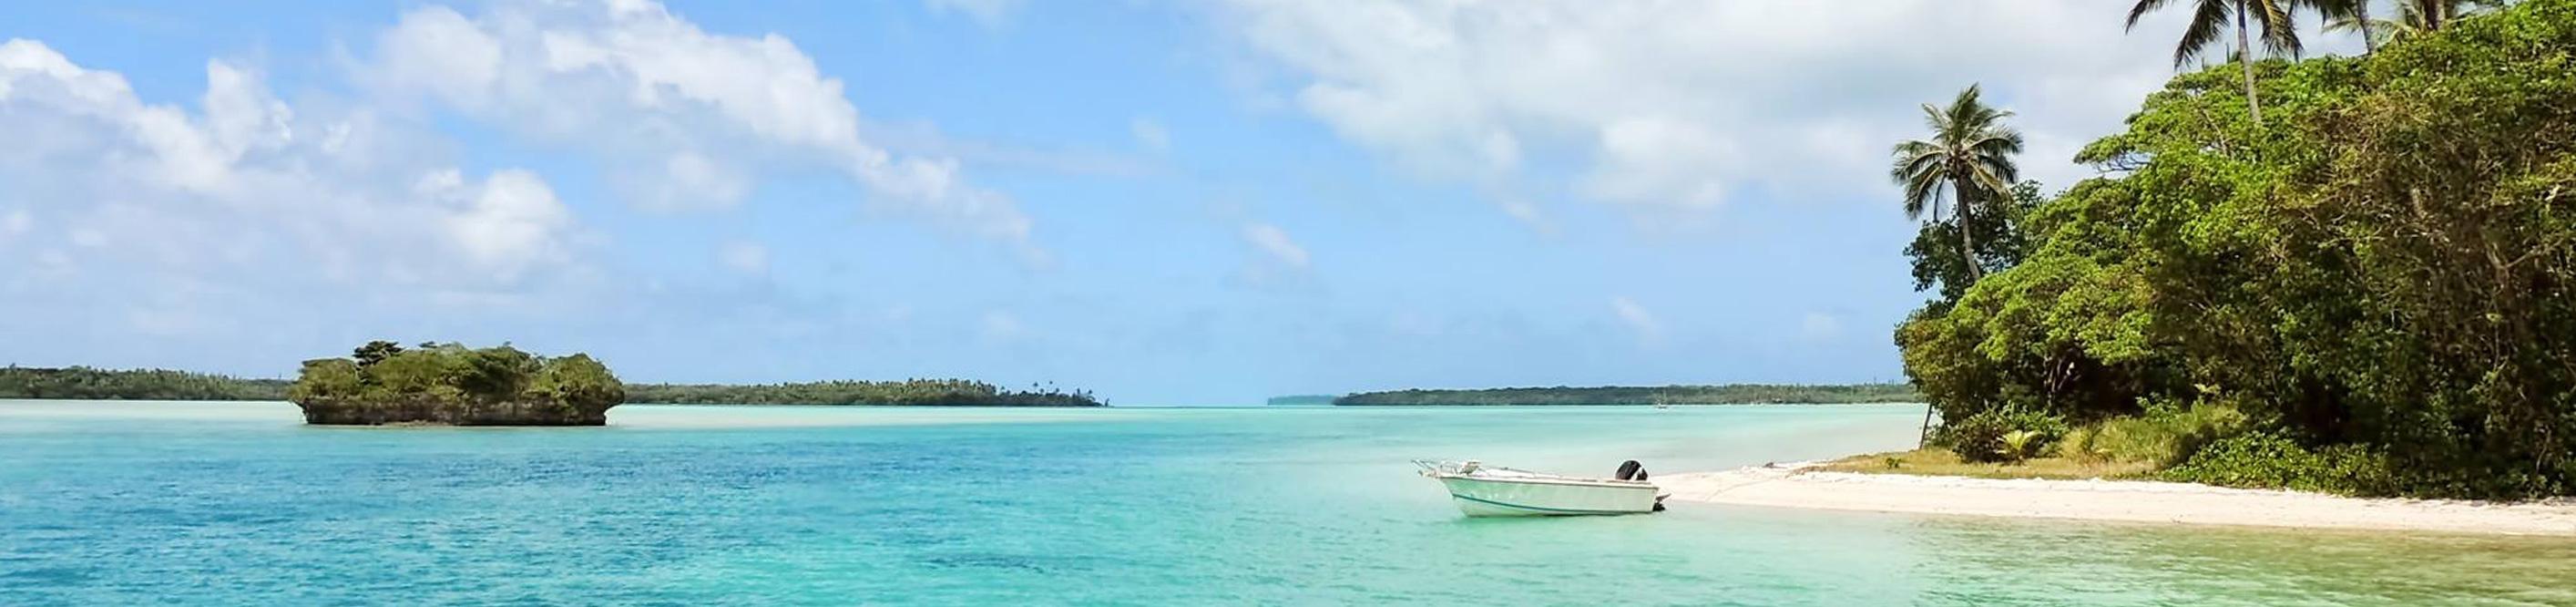 Морской круиз на Антигуа